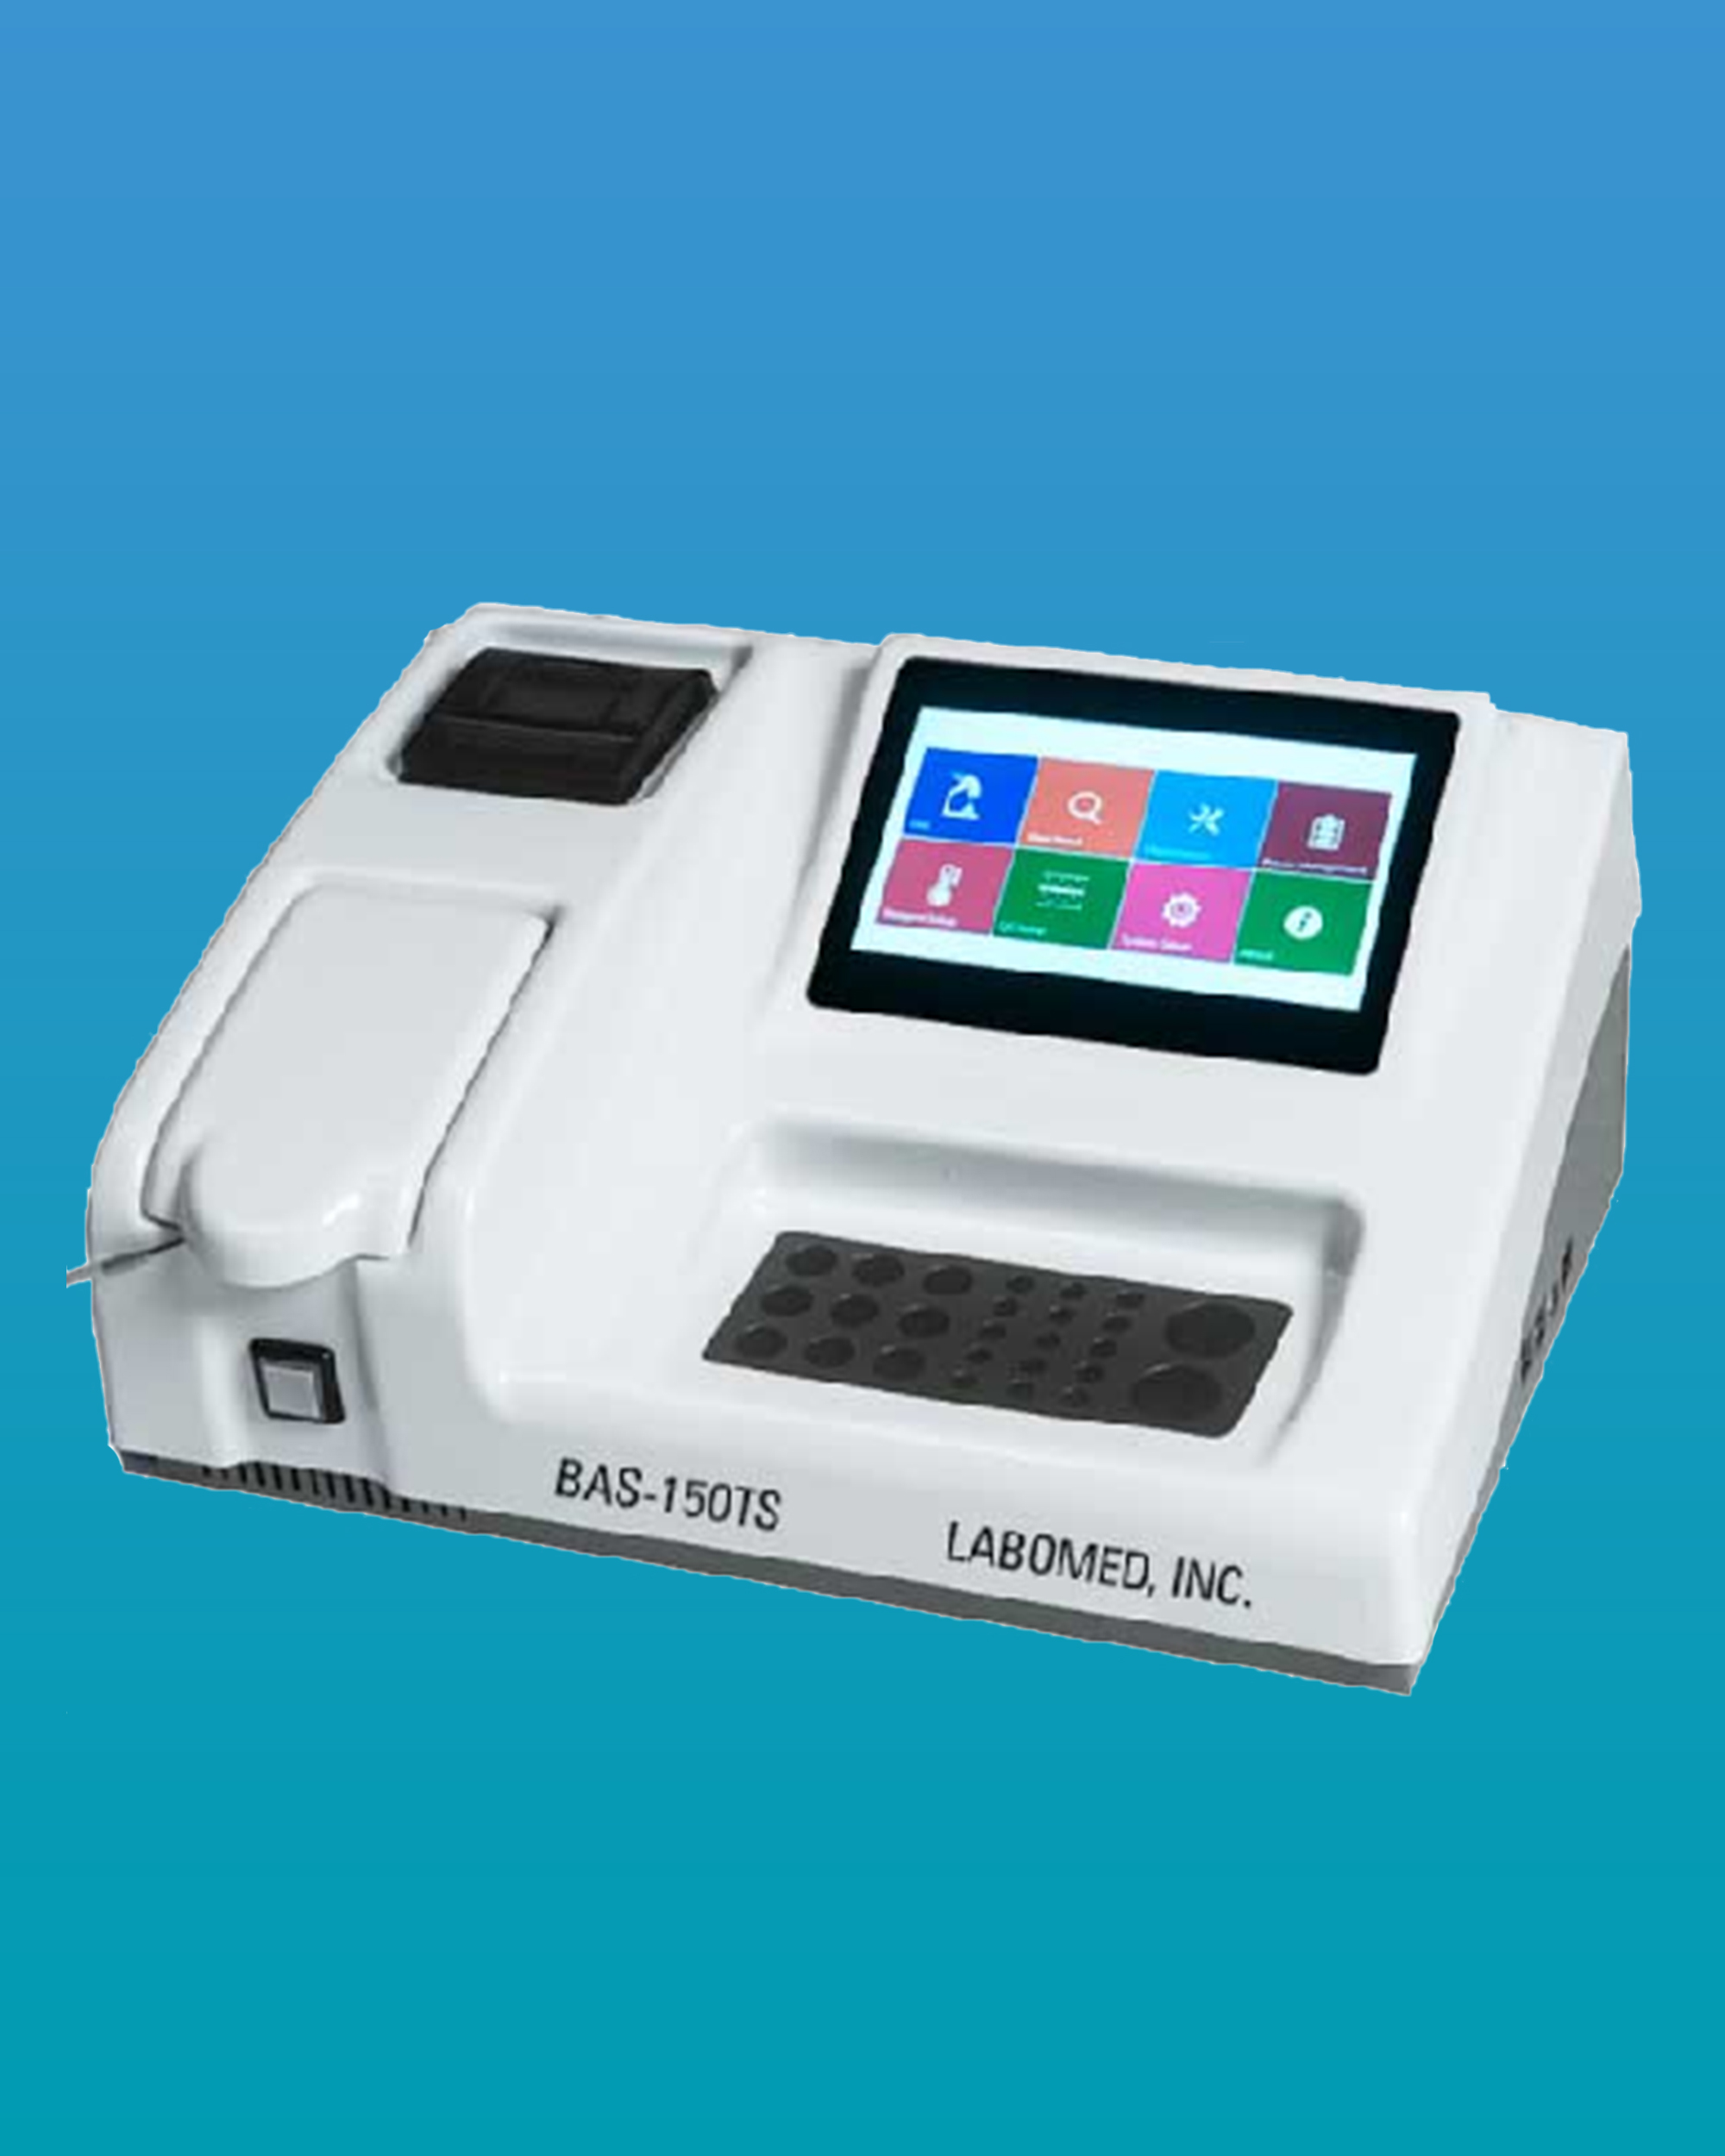 [BAS-150TS] Semi-Automatic Analyzer w/ Coagulation Test